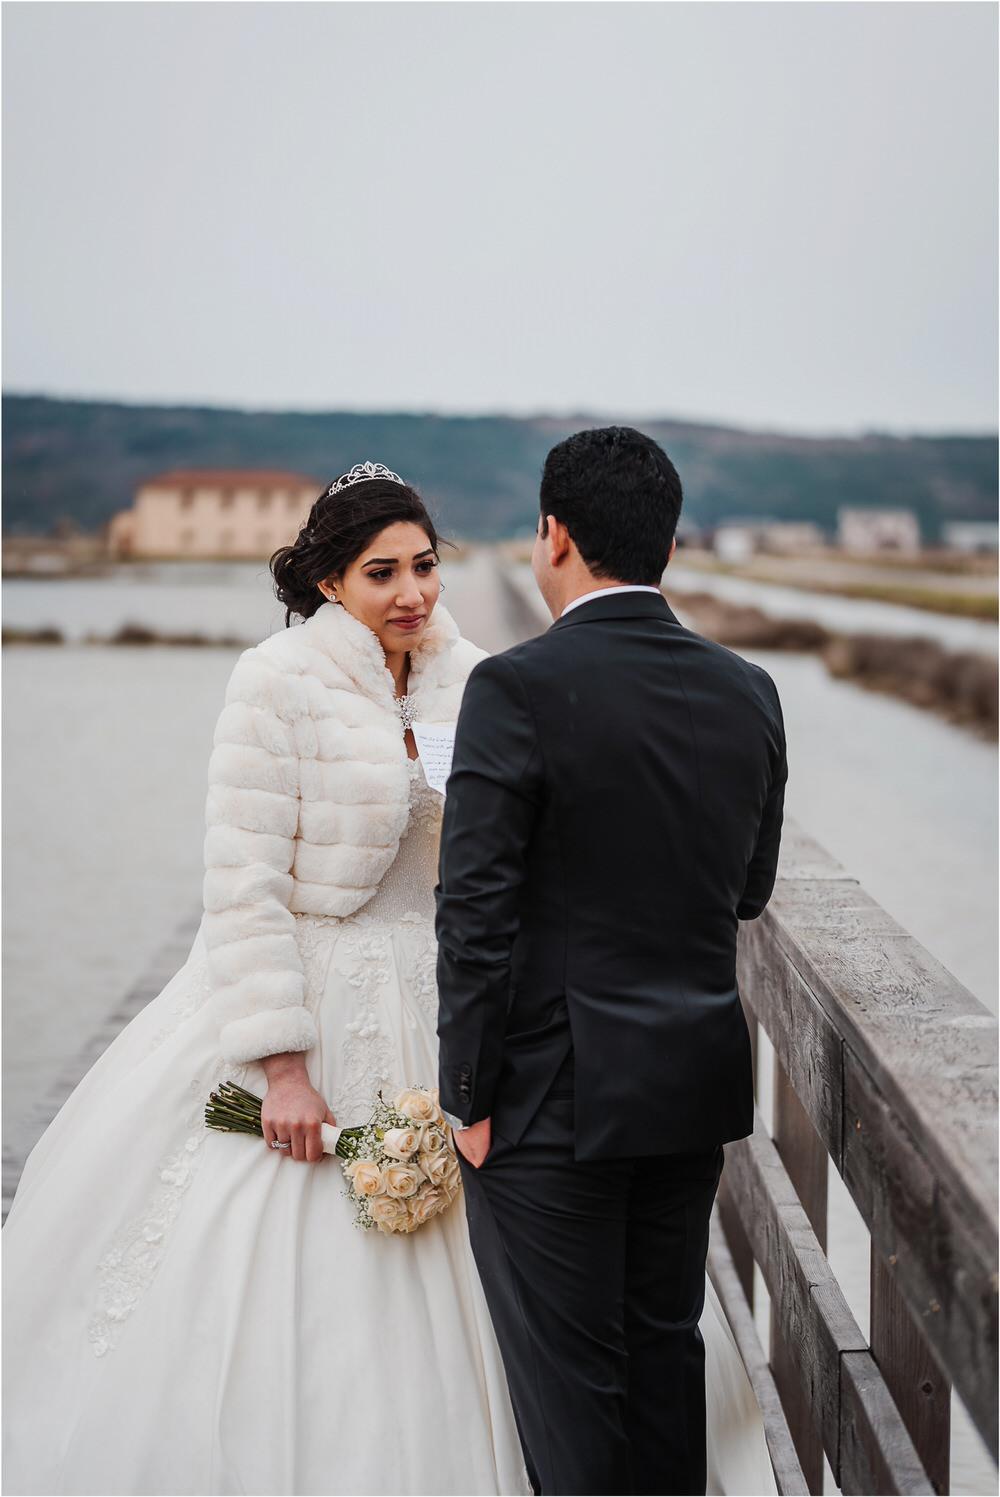 piran slovenia wedding elopement poroka obala portoroz primorska soline secovlje morje beach 0055.jpg